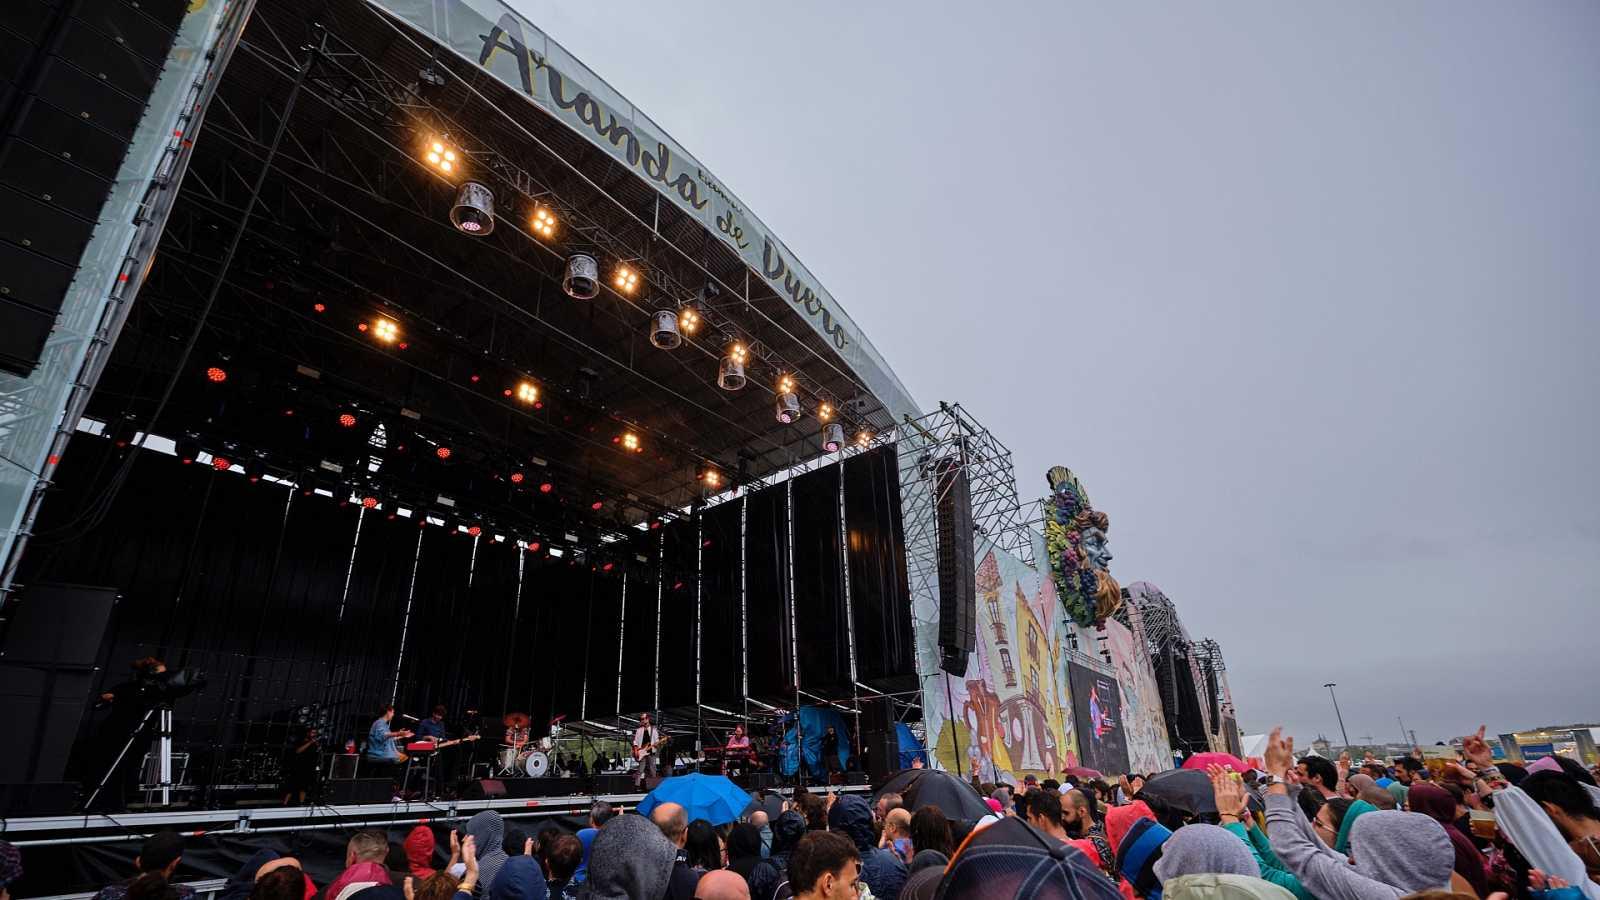 Festivales - Sonorama 2019: Morgan - 09/08/19 - Escuchar ahora